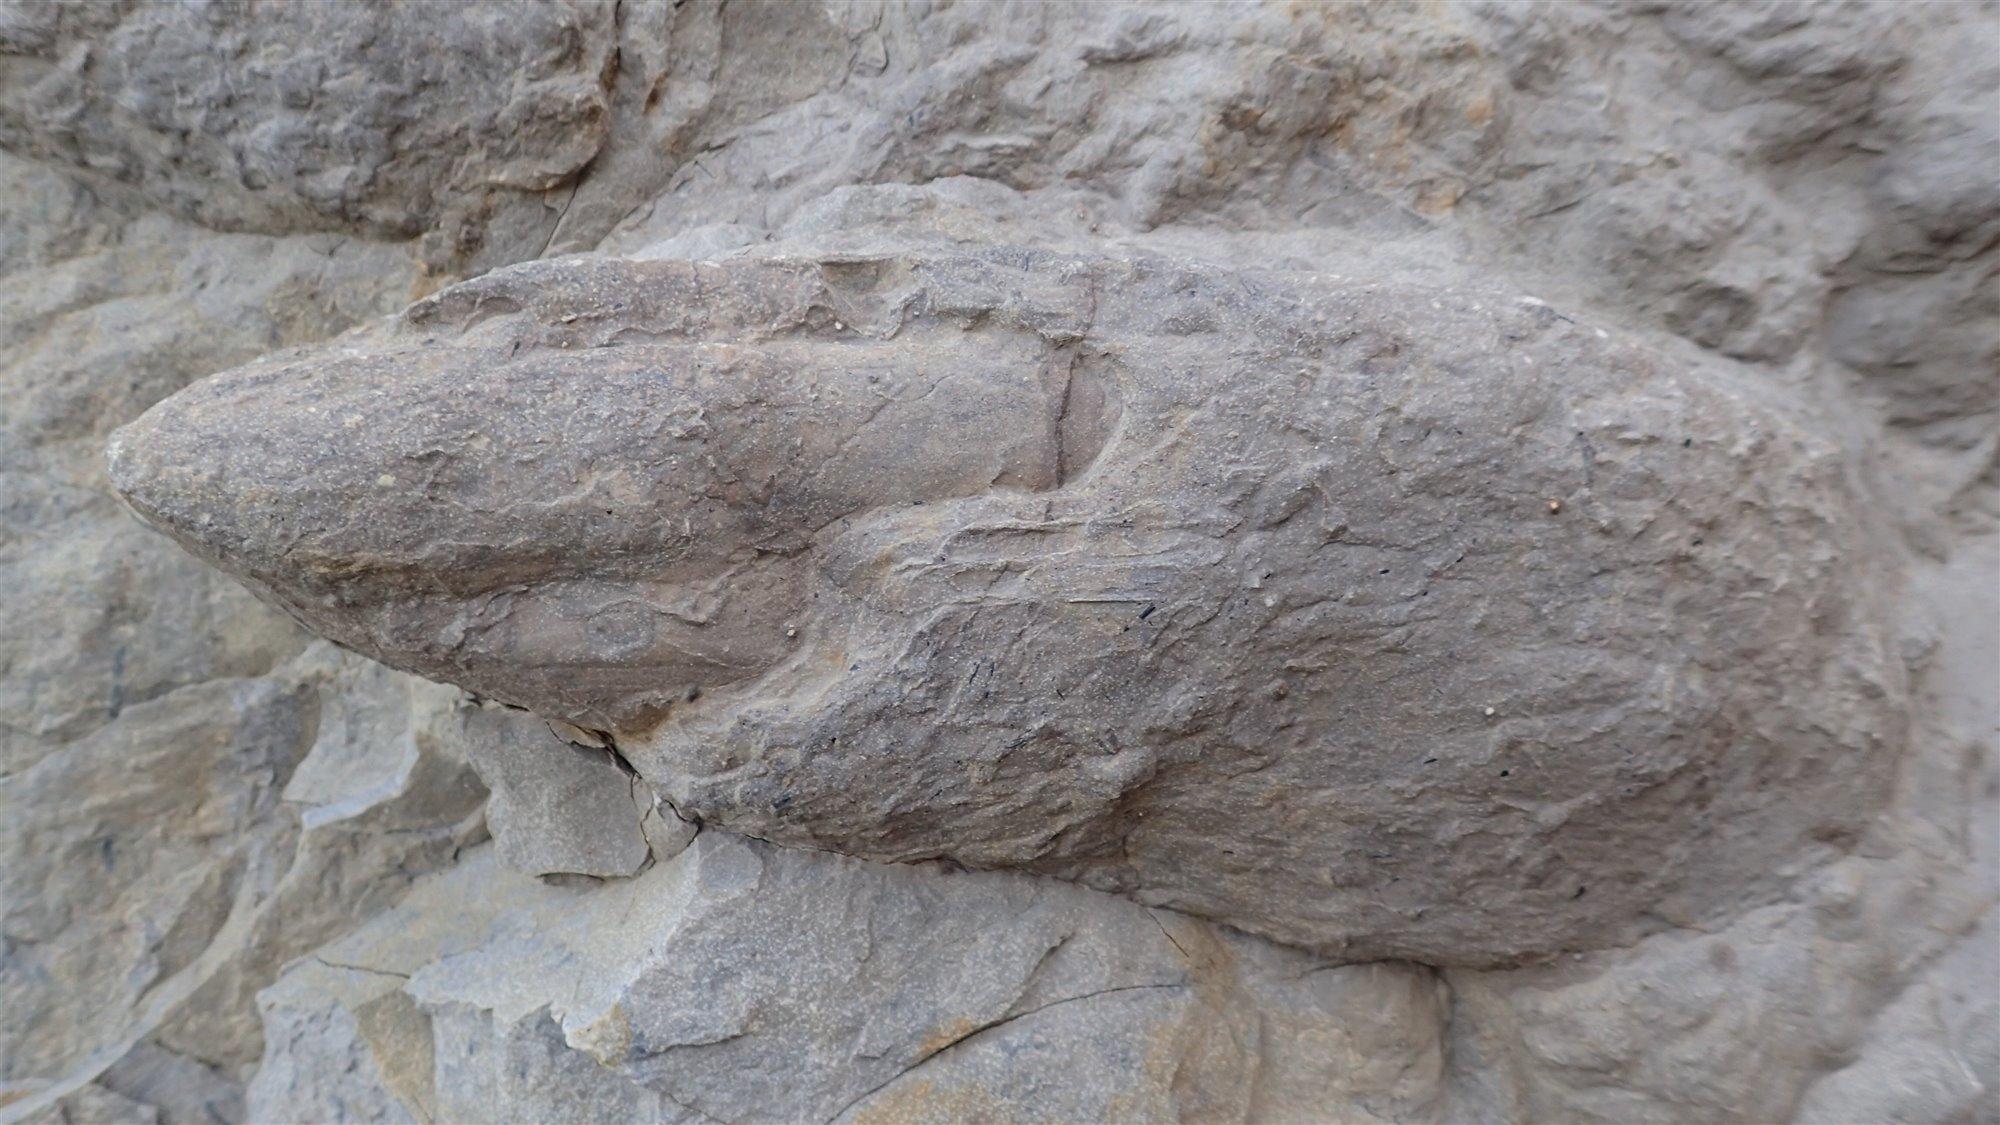 huellasdedinosaurios. Huellas de dinosaurios